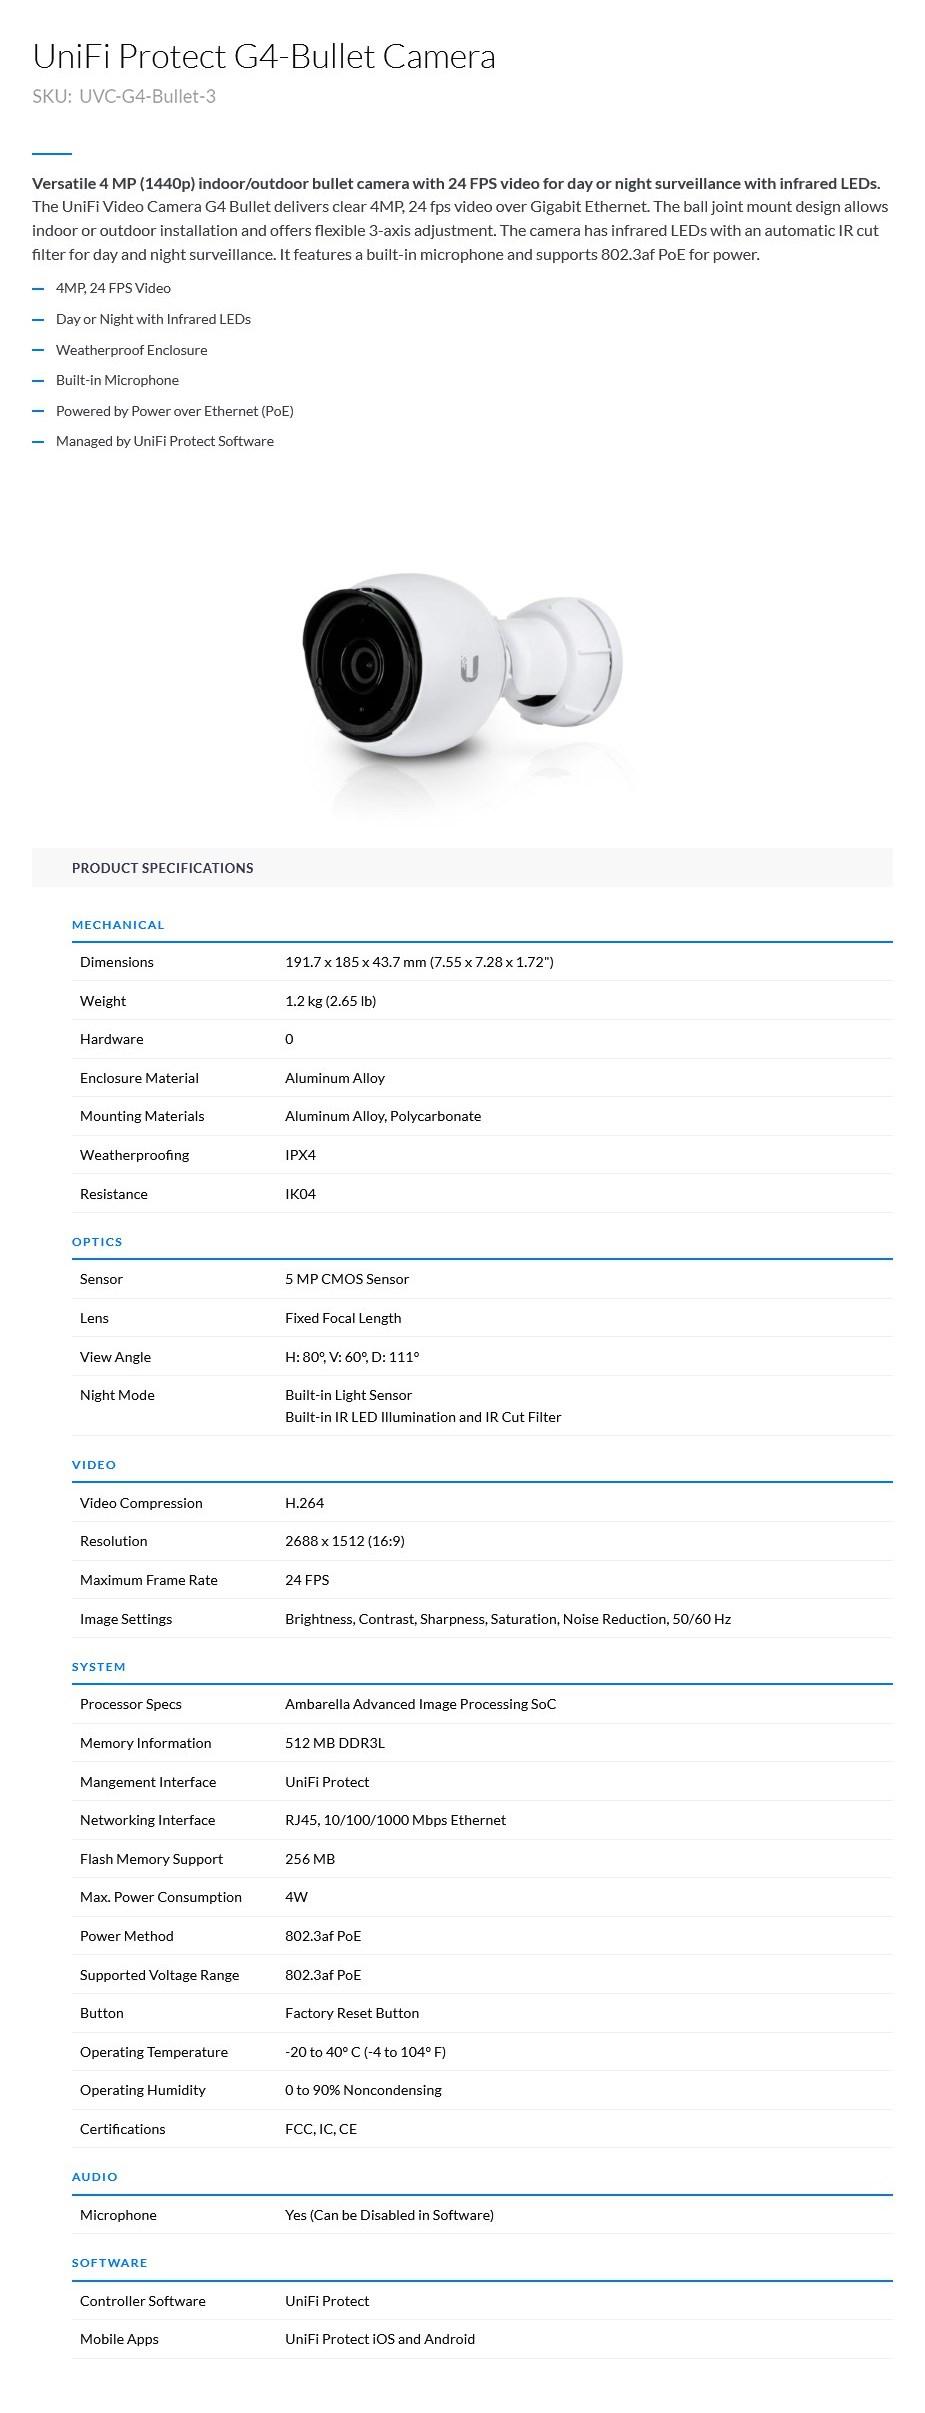 Ubiquiti Networks UniFi UVC-G4-Bullet 1440p QHD IP Surveillance Camera - 3 Pack - Desktop Overview 1